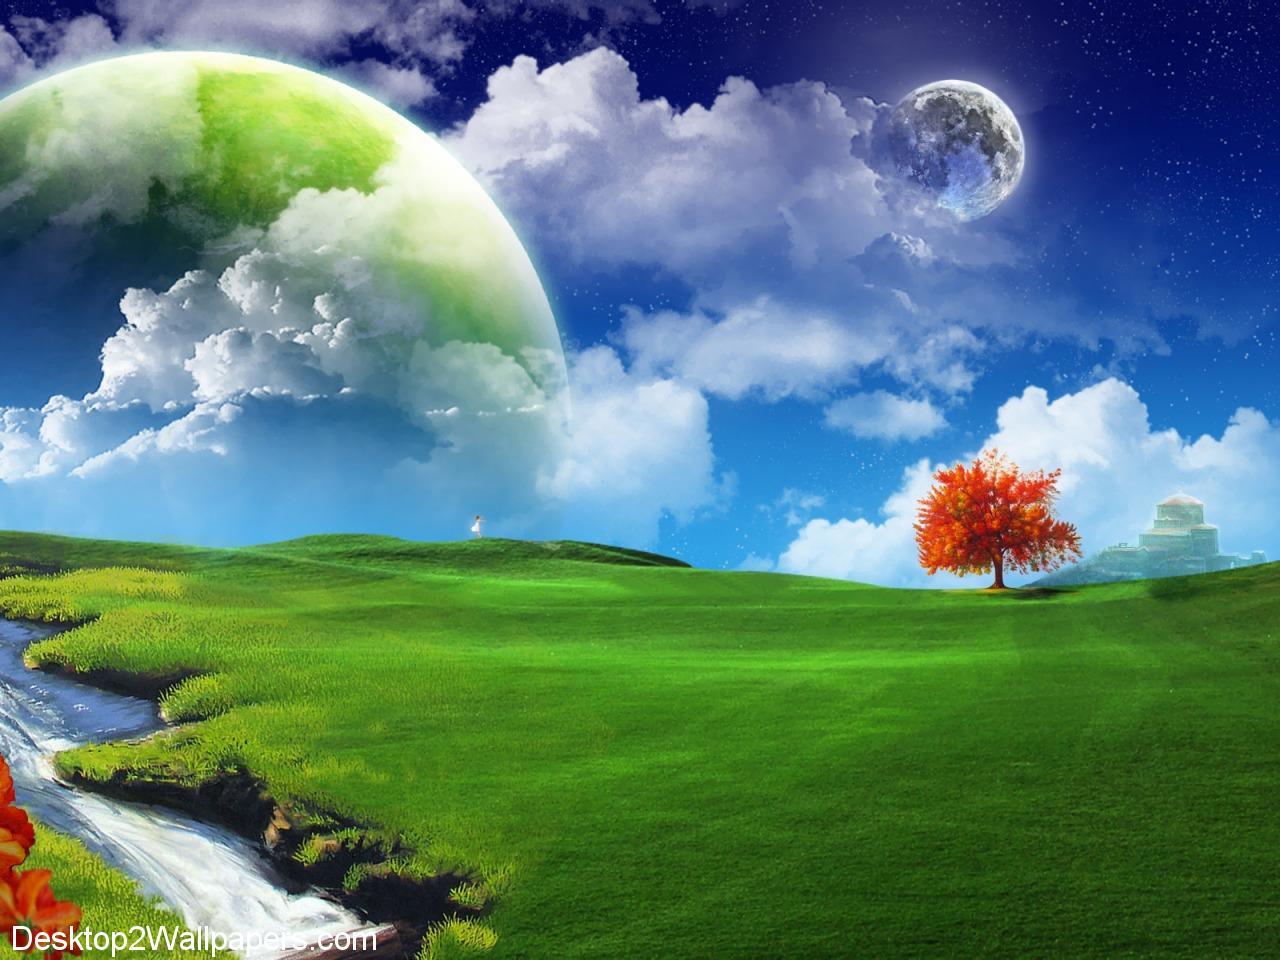 http://2.bp.blogspot.com/-B0BbwDGKy00/UDoTQl5N6oI/AAAAAAAAATk/15iNtS4dZgg/s1600/Green+Planet+Wallpaper.jpeg